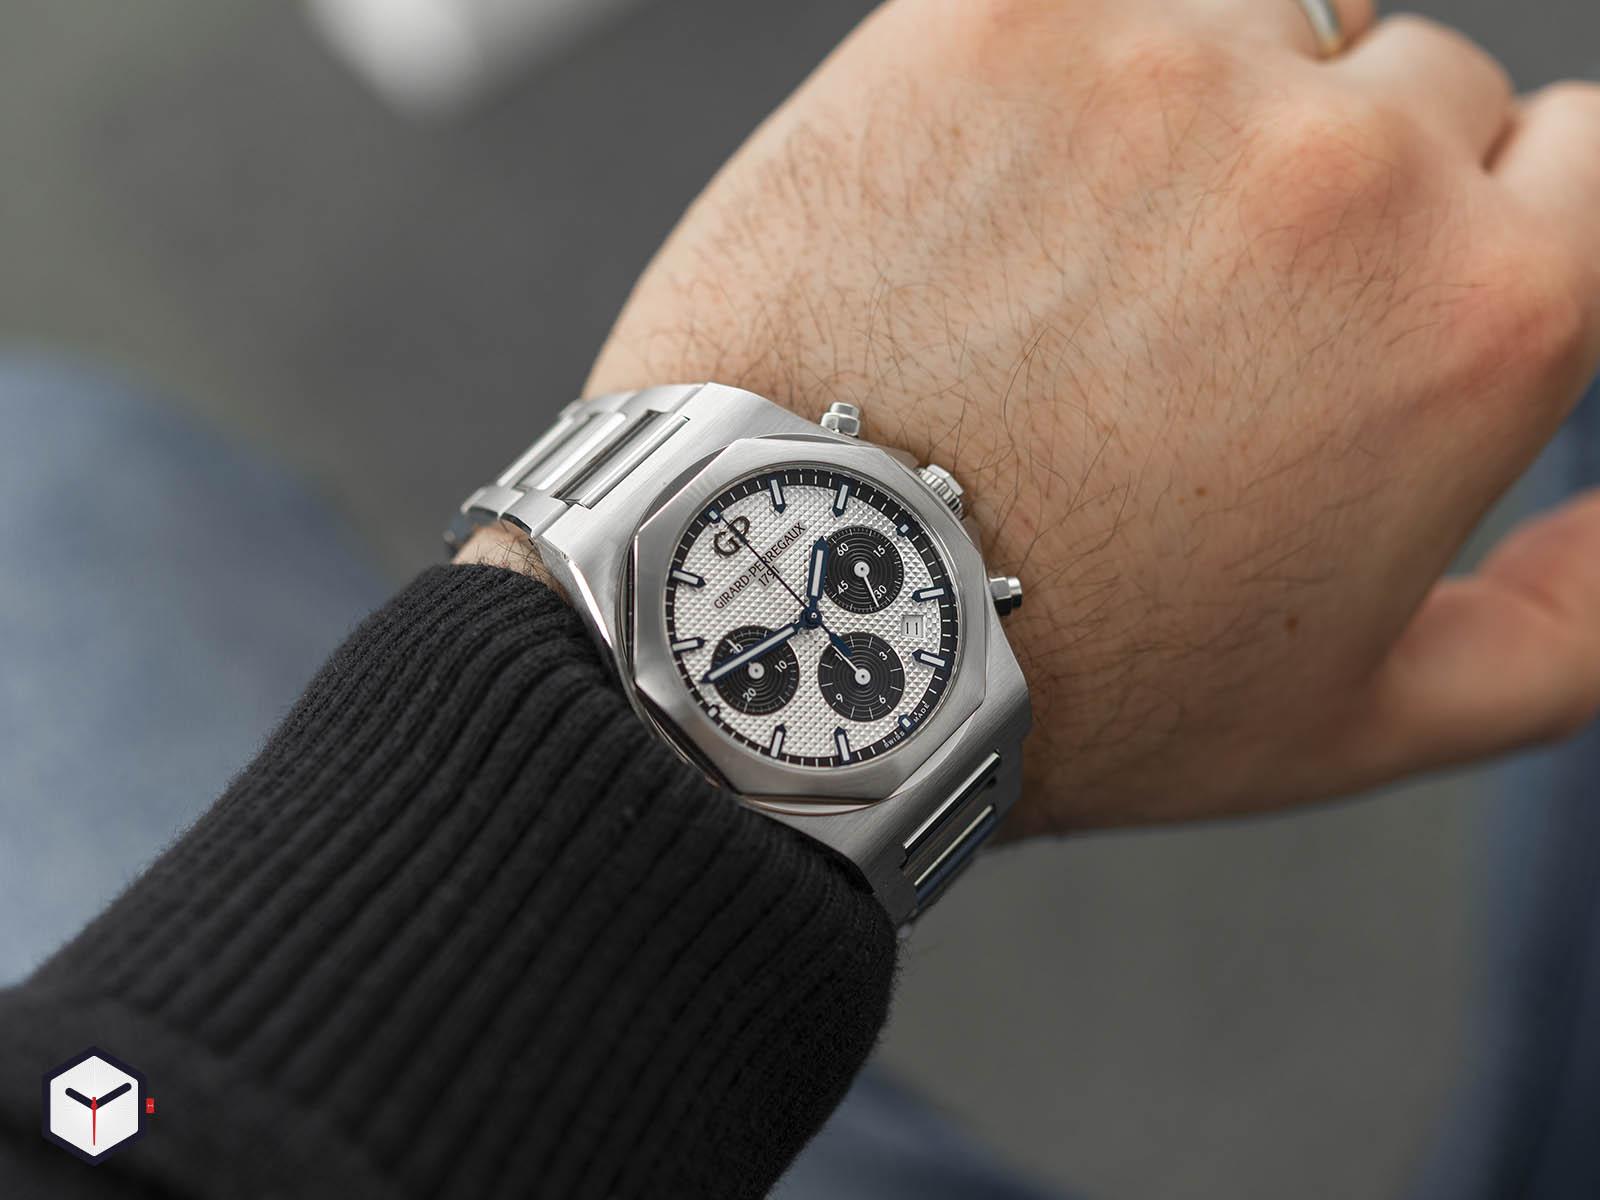 81020-11-131-11a-girard-perregaux-laureato-chronograph-42mm-7.jpg